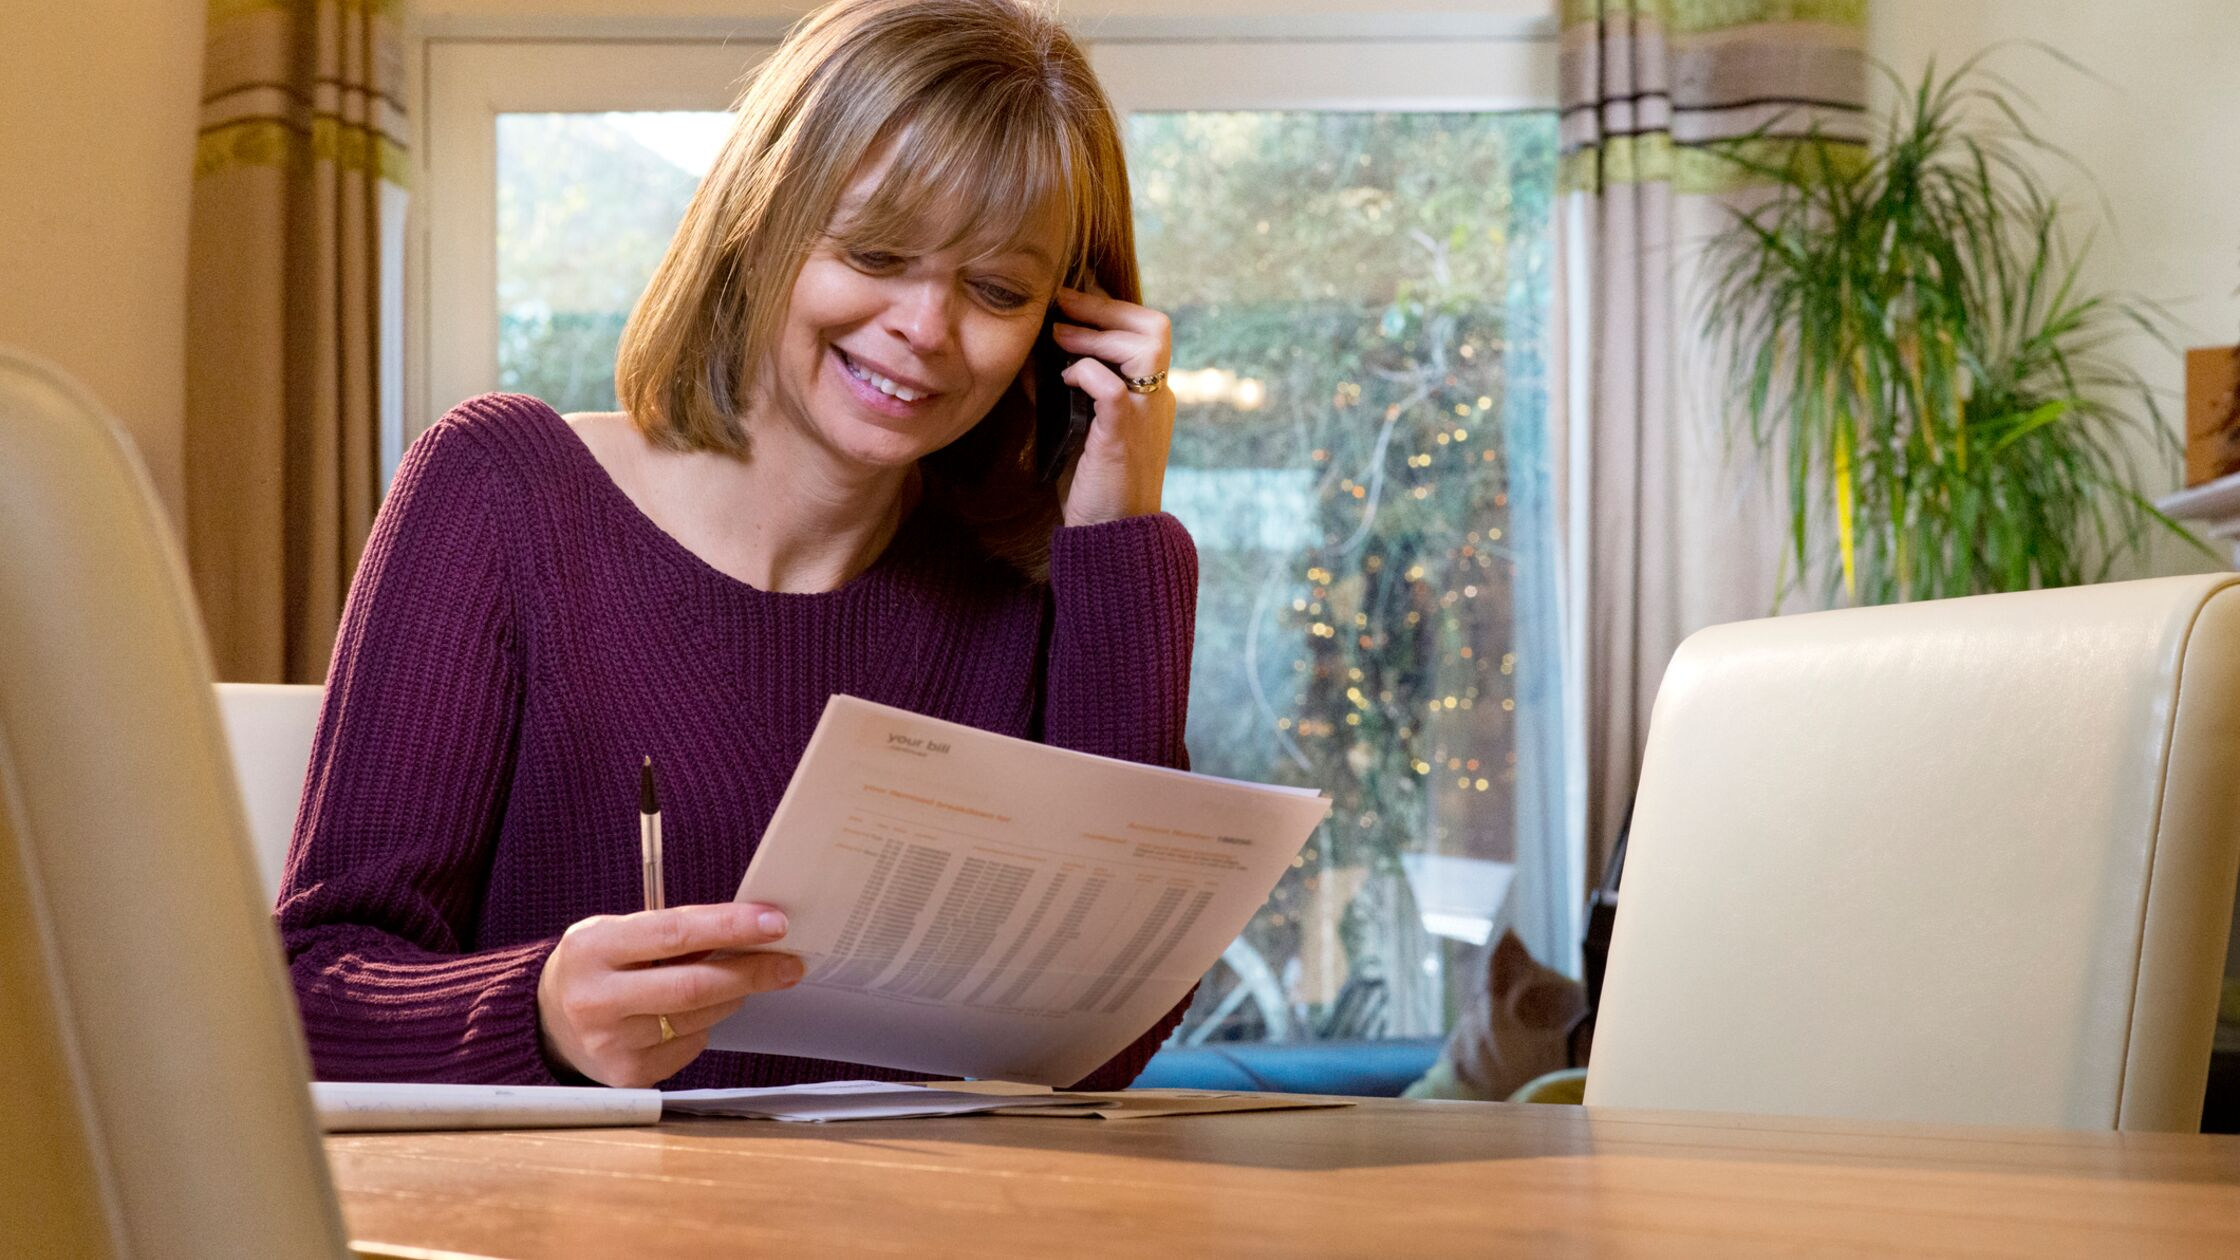 Frau will Vertrag per Telefon wegen Umzug ummelden